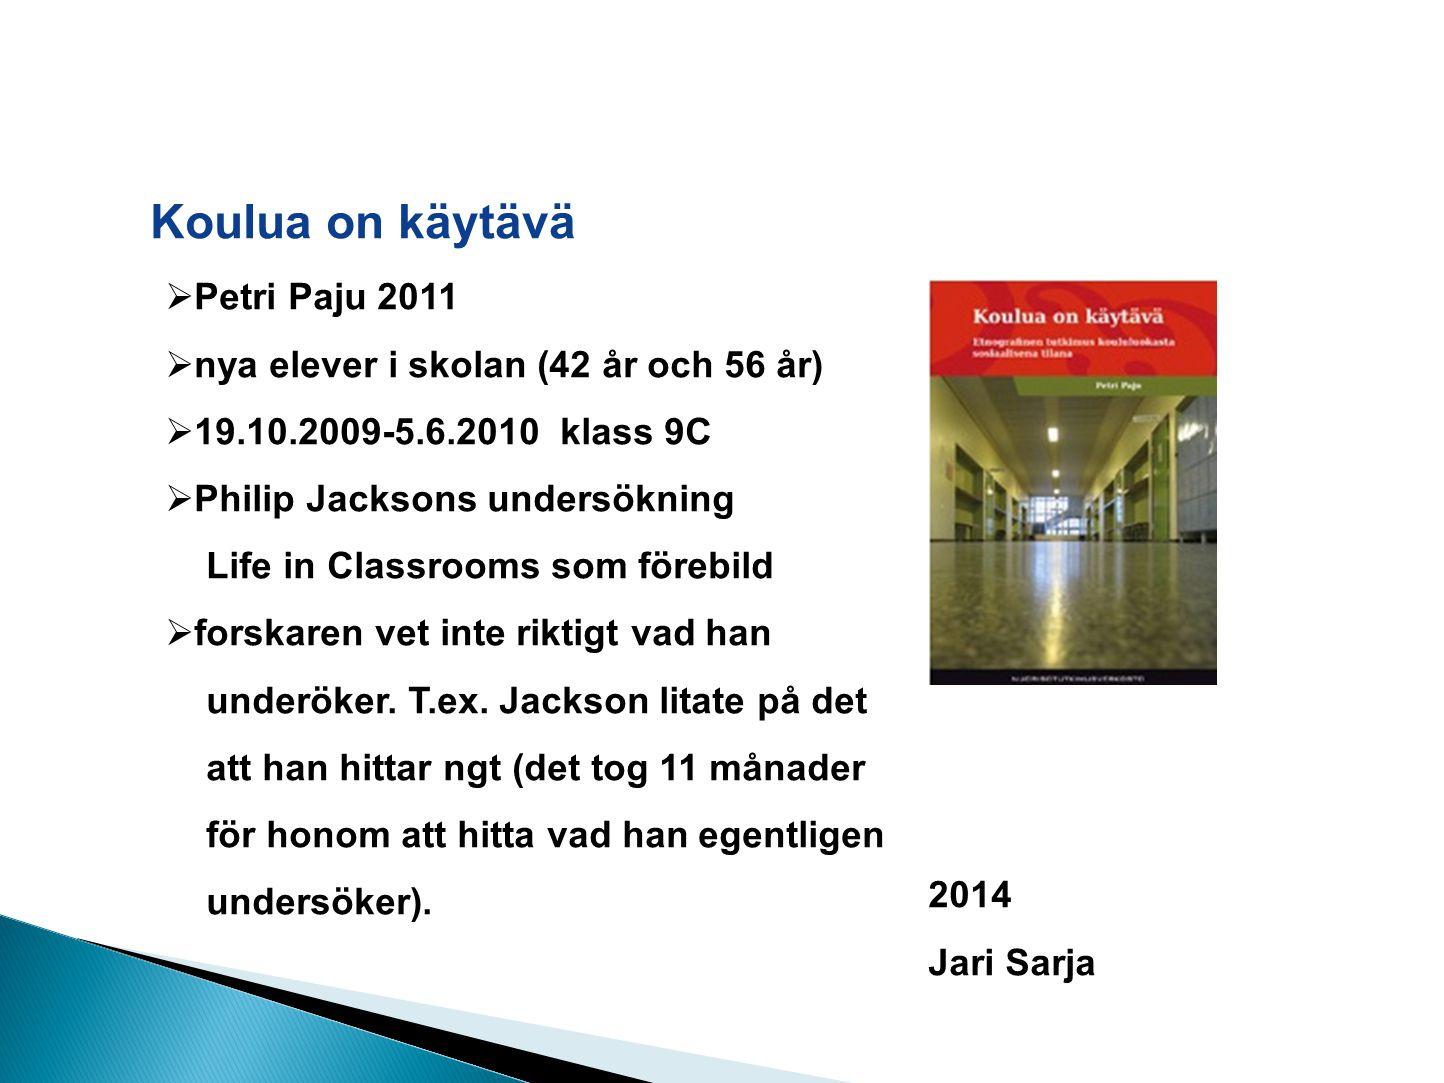 Koulua on käytävä 2014 Jari Sarja  Petri Paju 2011  nya elever i skolan (42 år och 56 år)  19.10.2009-5.6.2010 klass 9C  Philip Jacksons undersökning Life in Classrooms som förebild  forskaren vet inte riktigt vad han underöker.